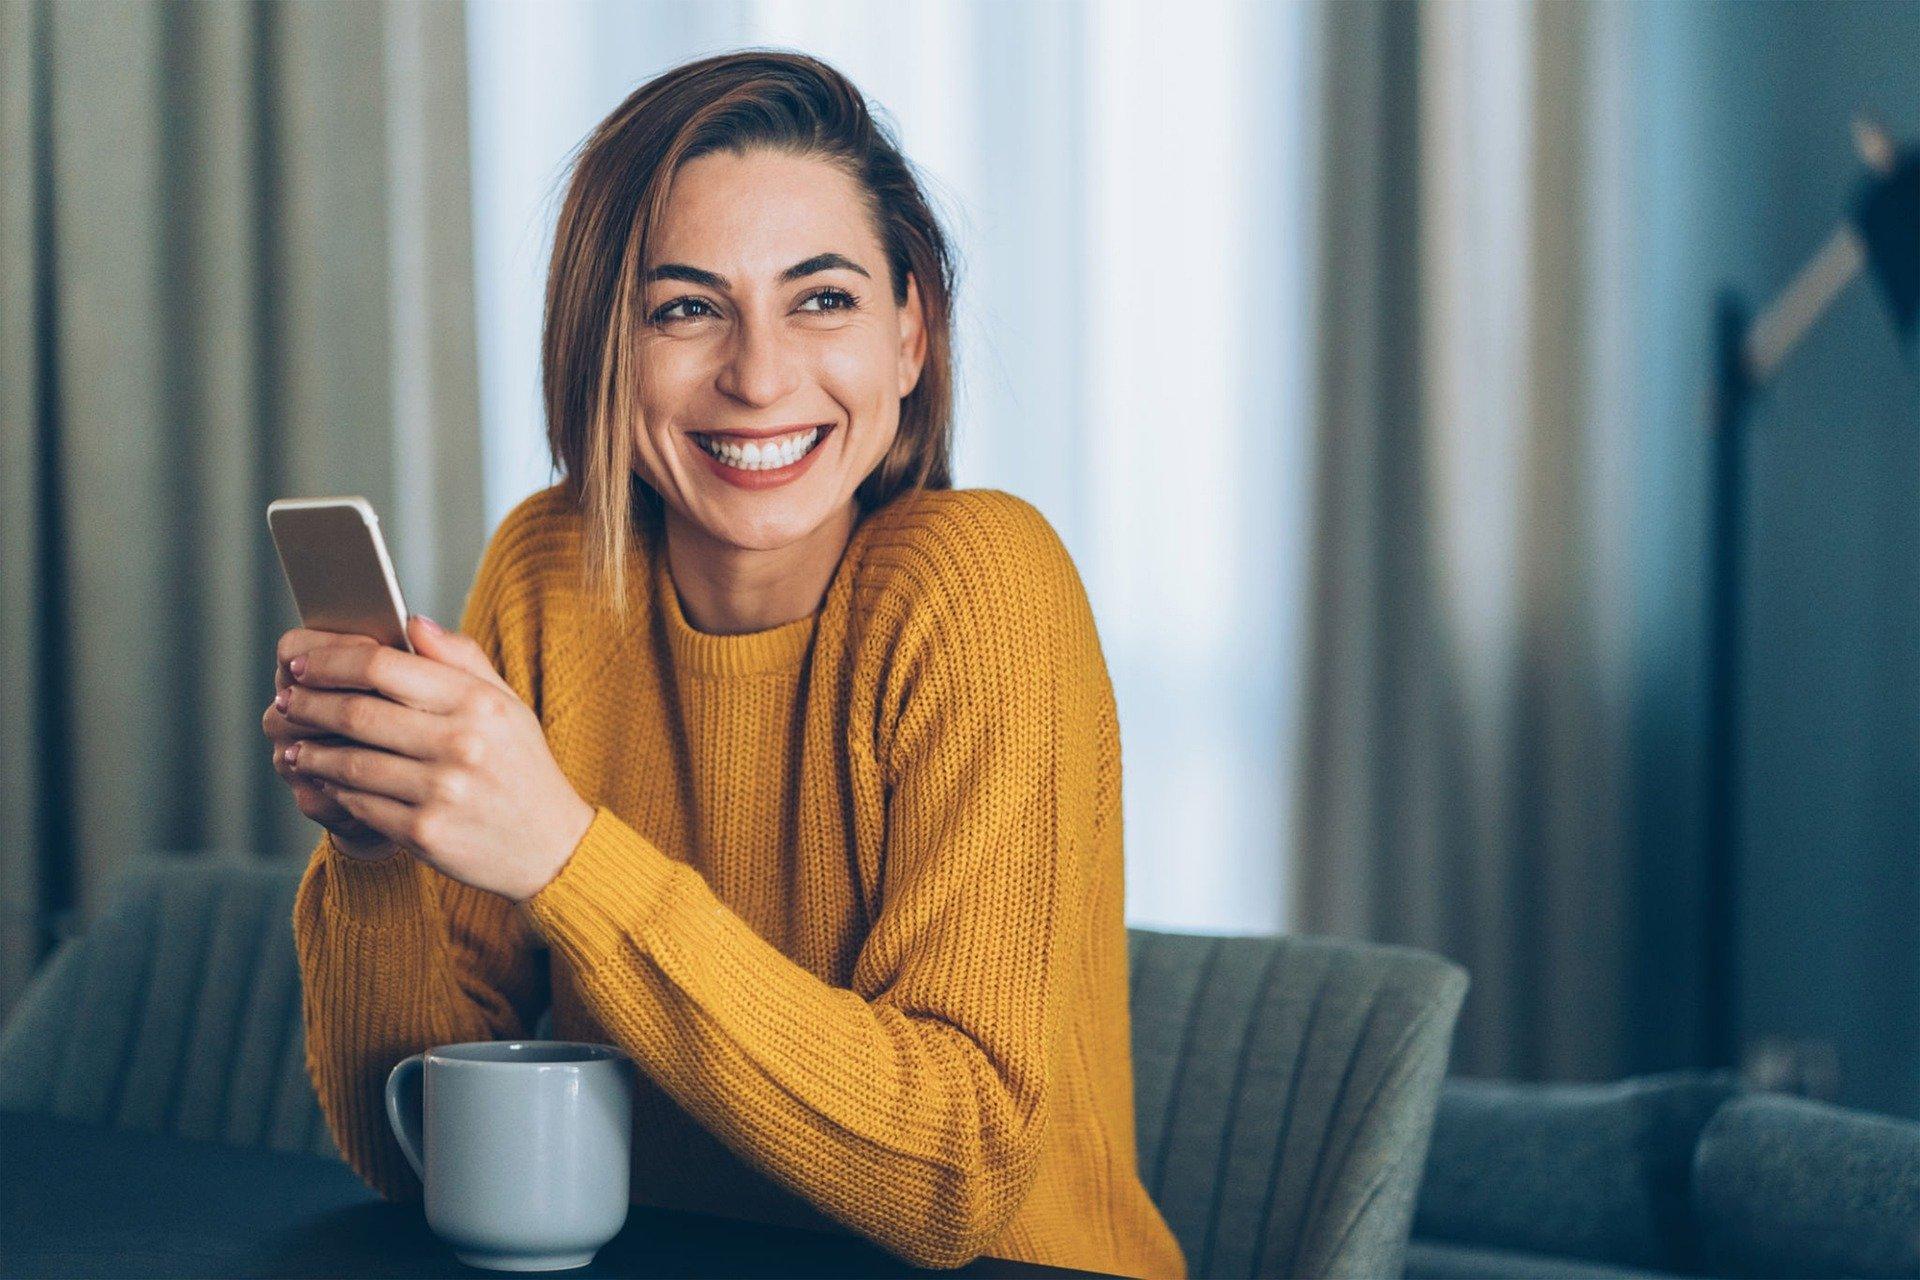 Cateva sfaturi pentru a-ti perfectiona abilitatile de sexting – Partea 2